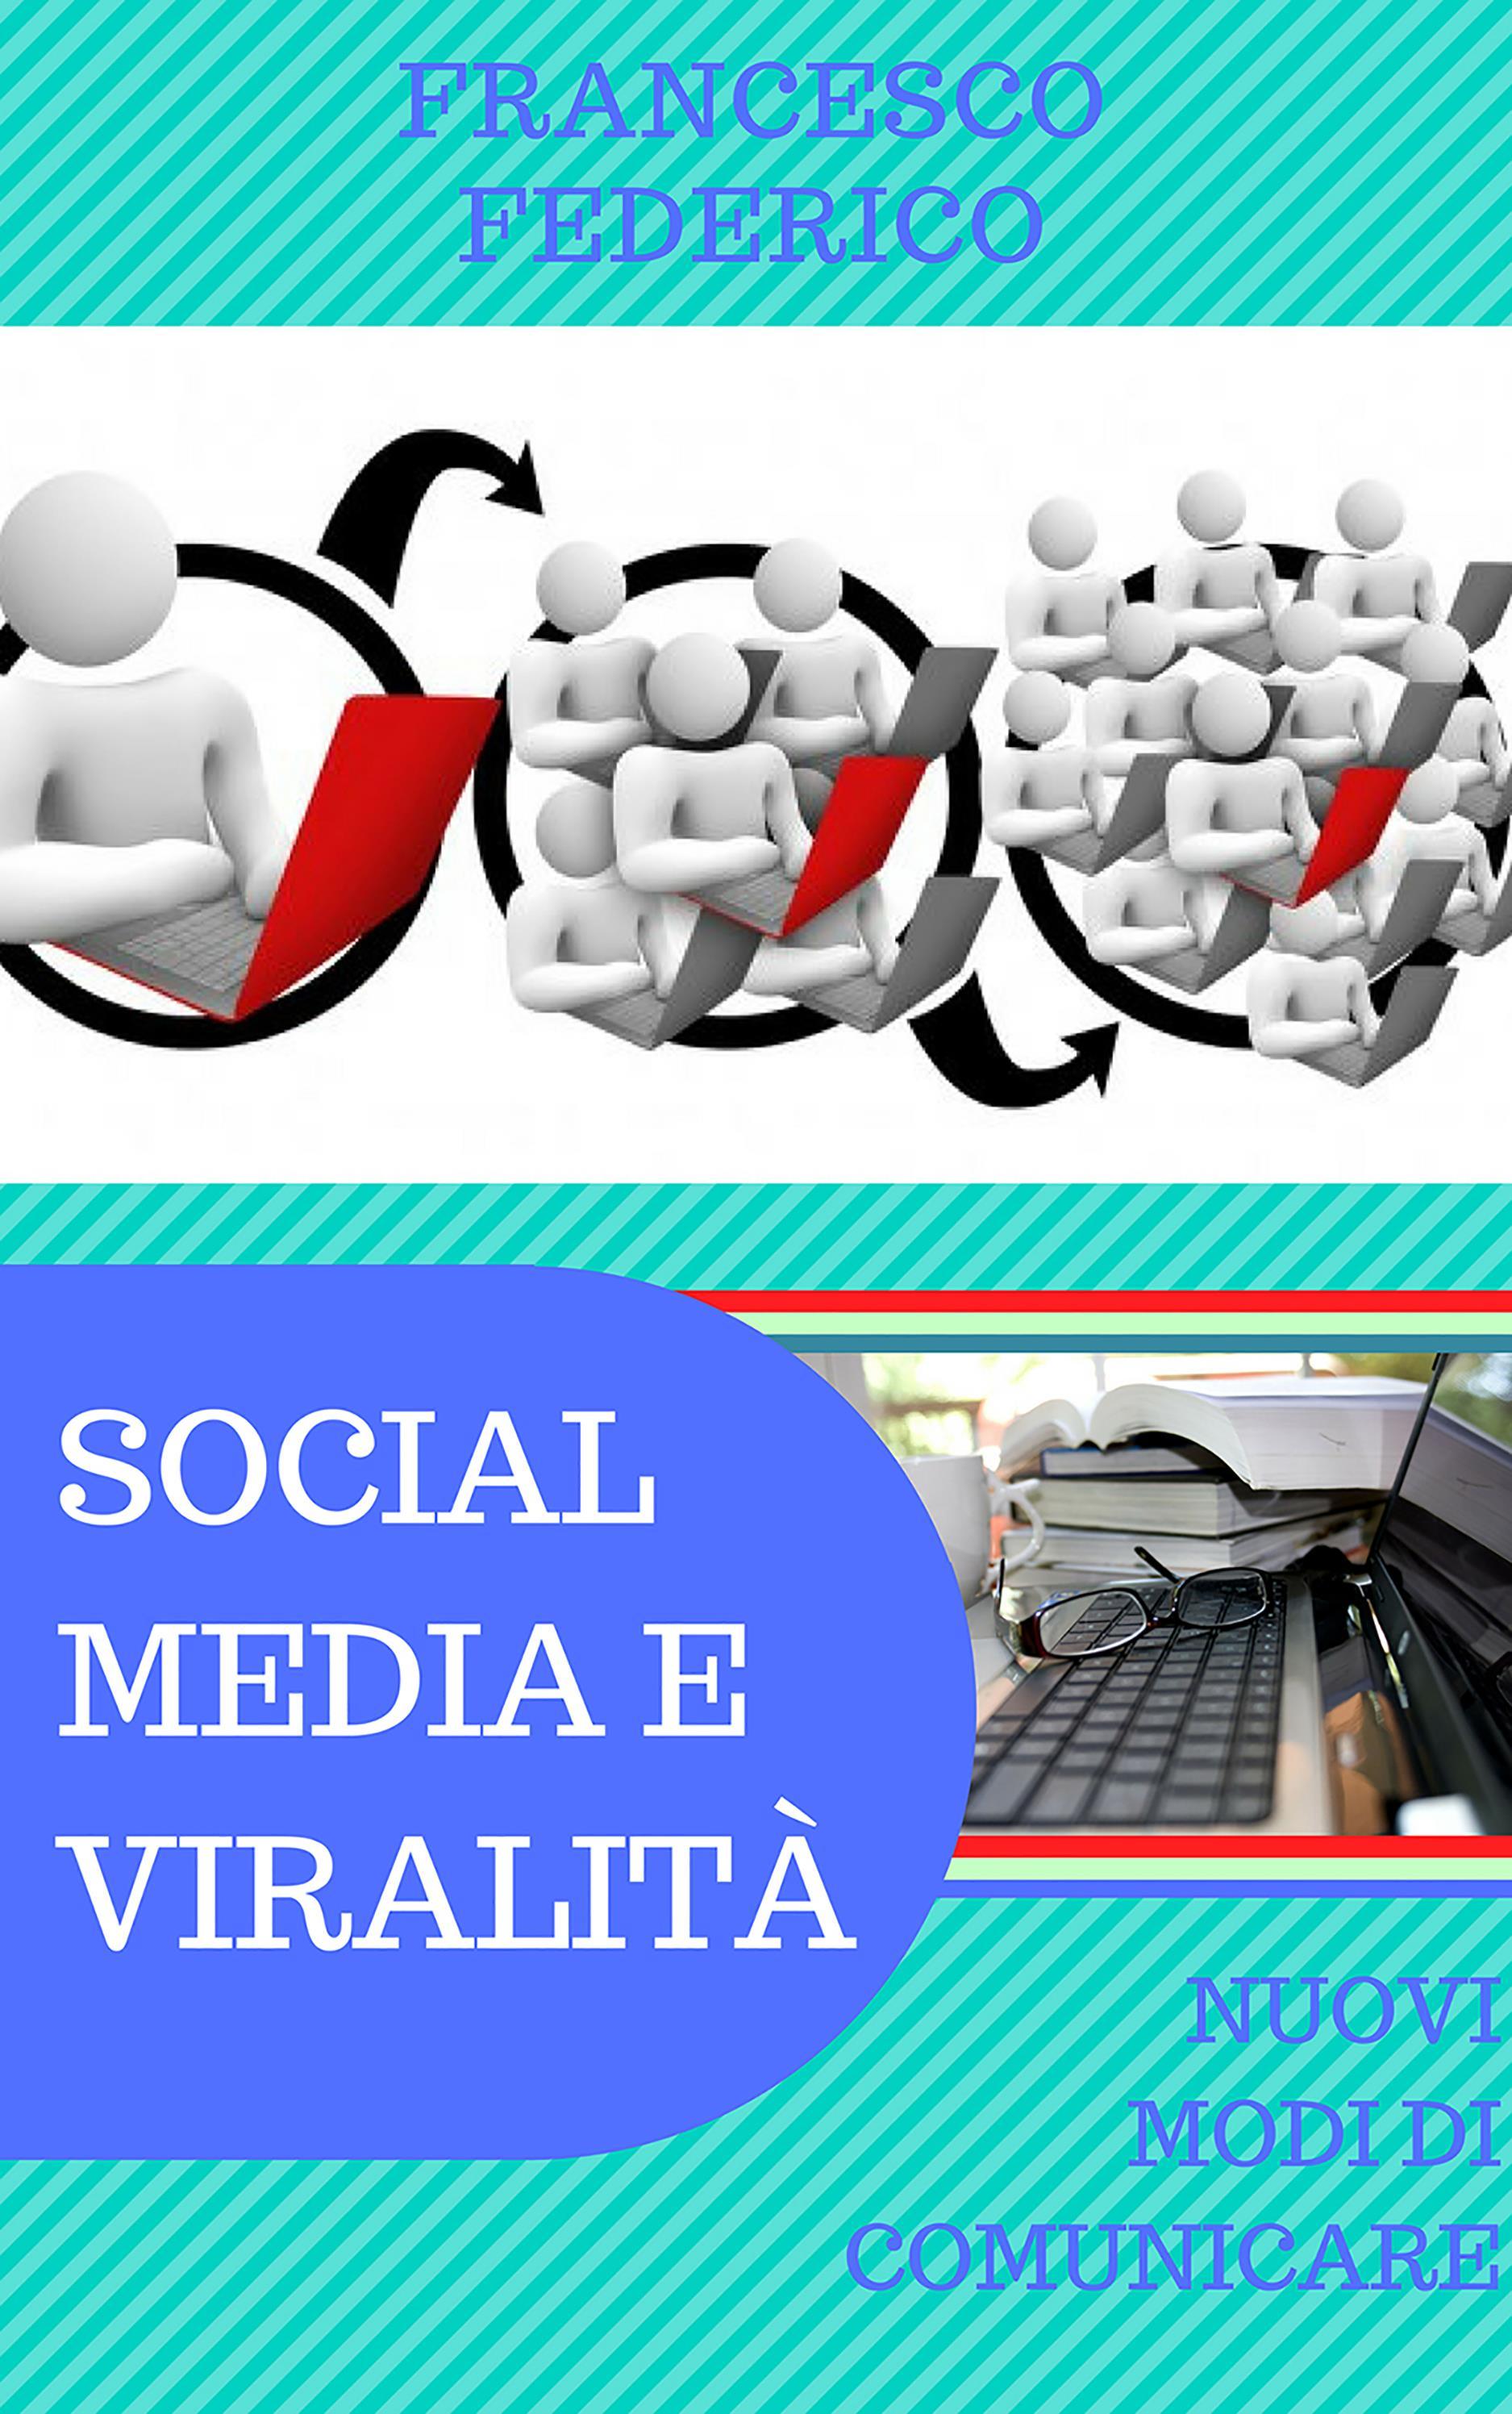 Social Media e Viralità: Nuovi Modi di Comunicare